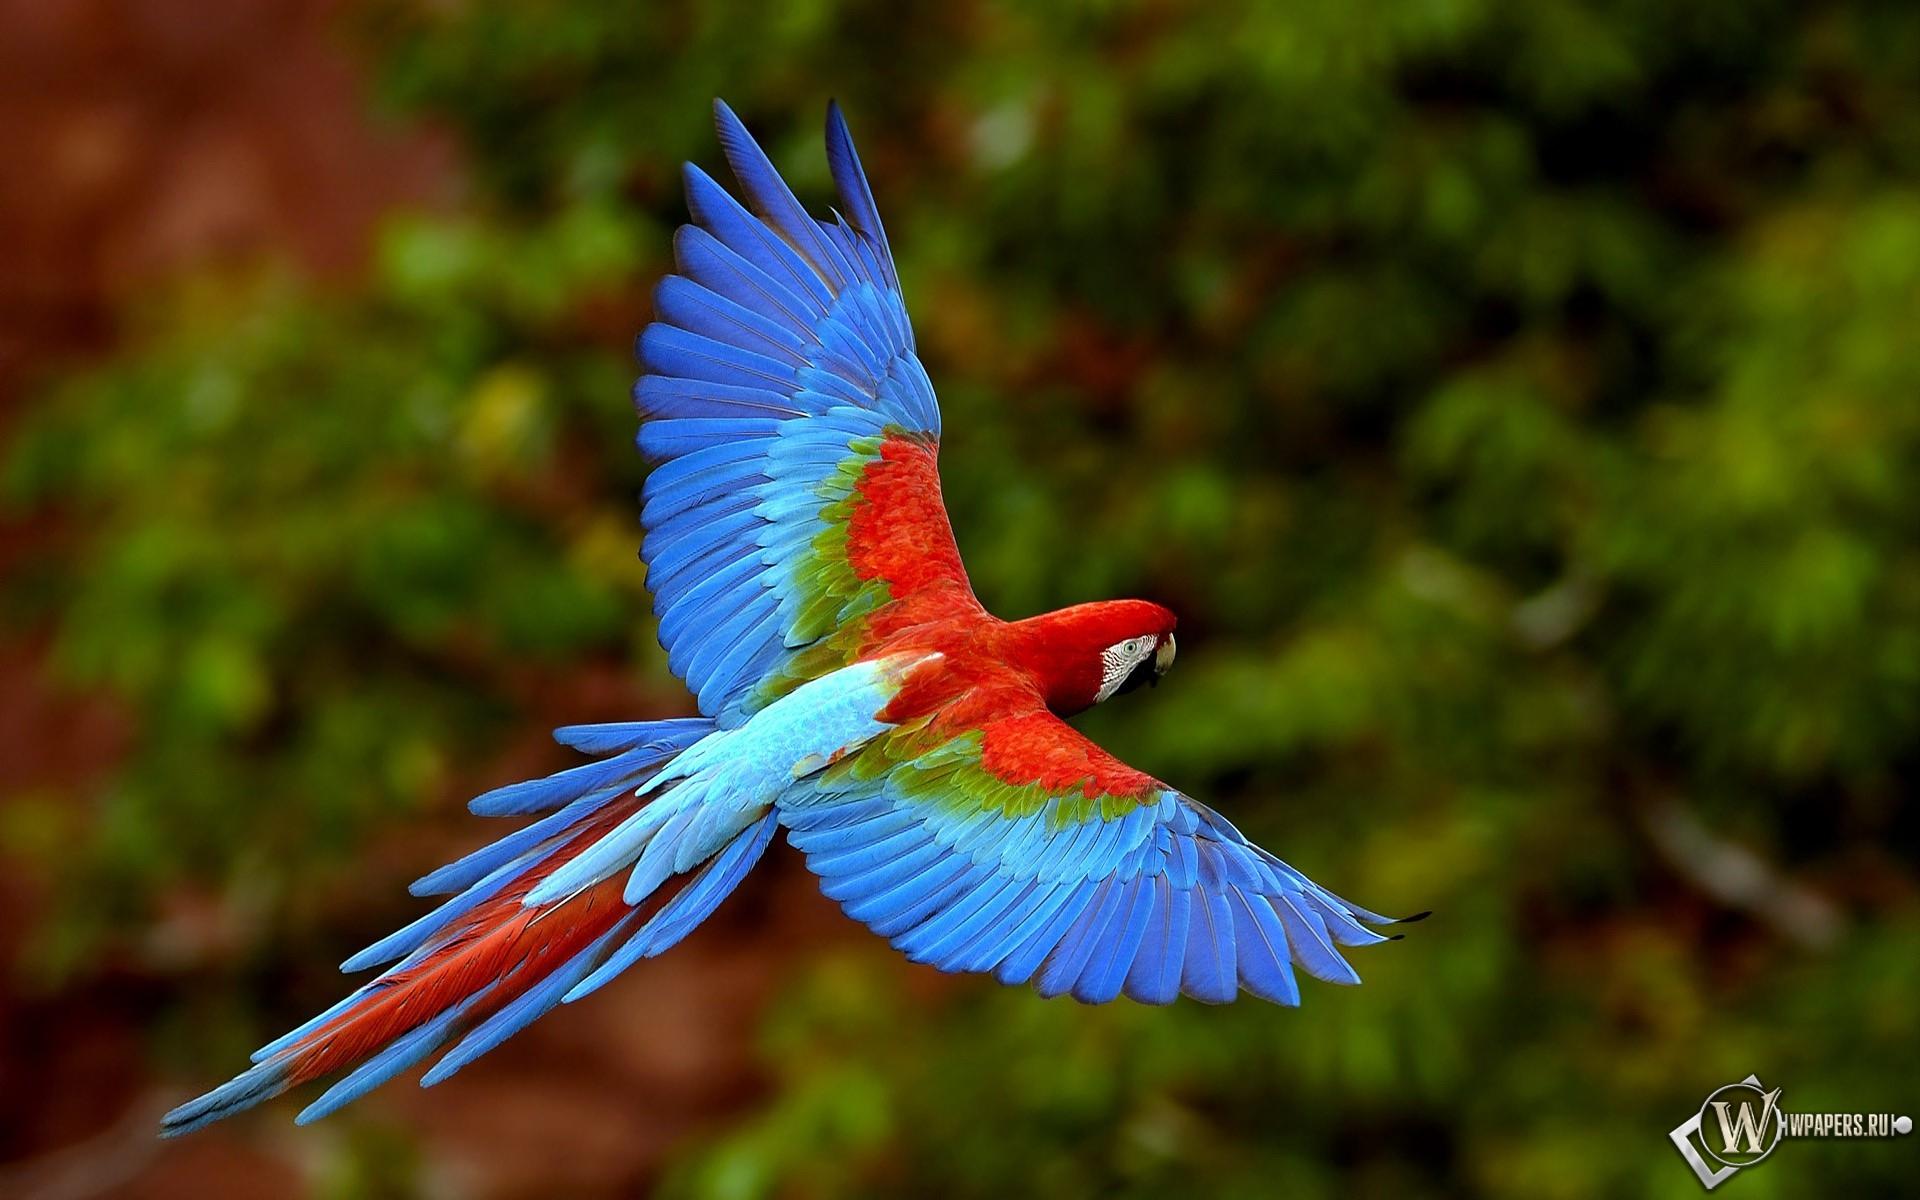 Яркий попугай 1920x1200